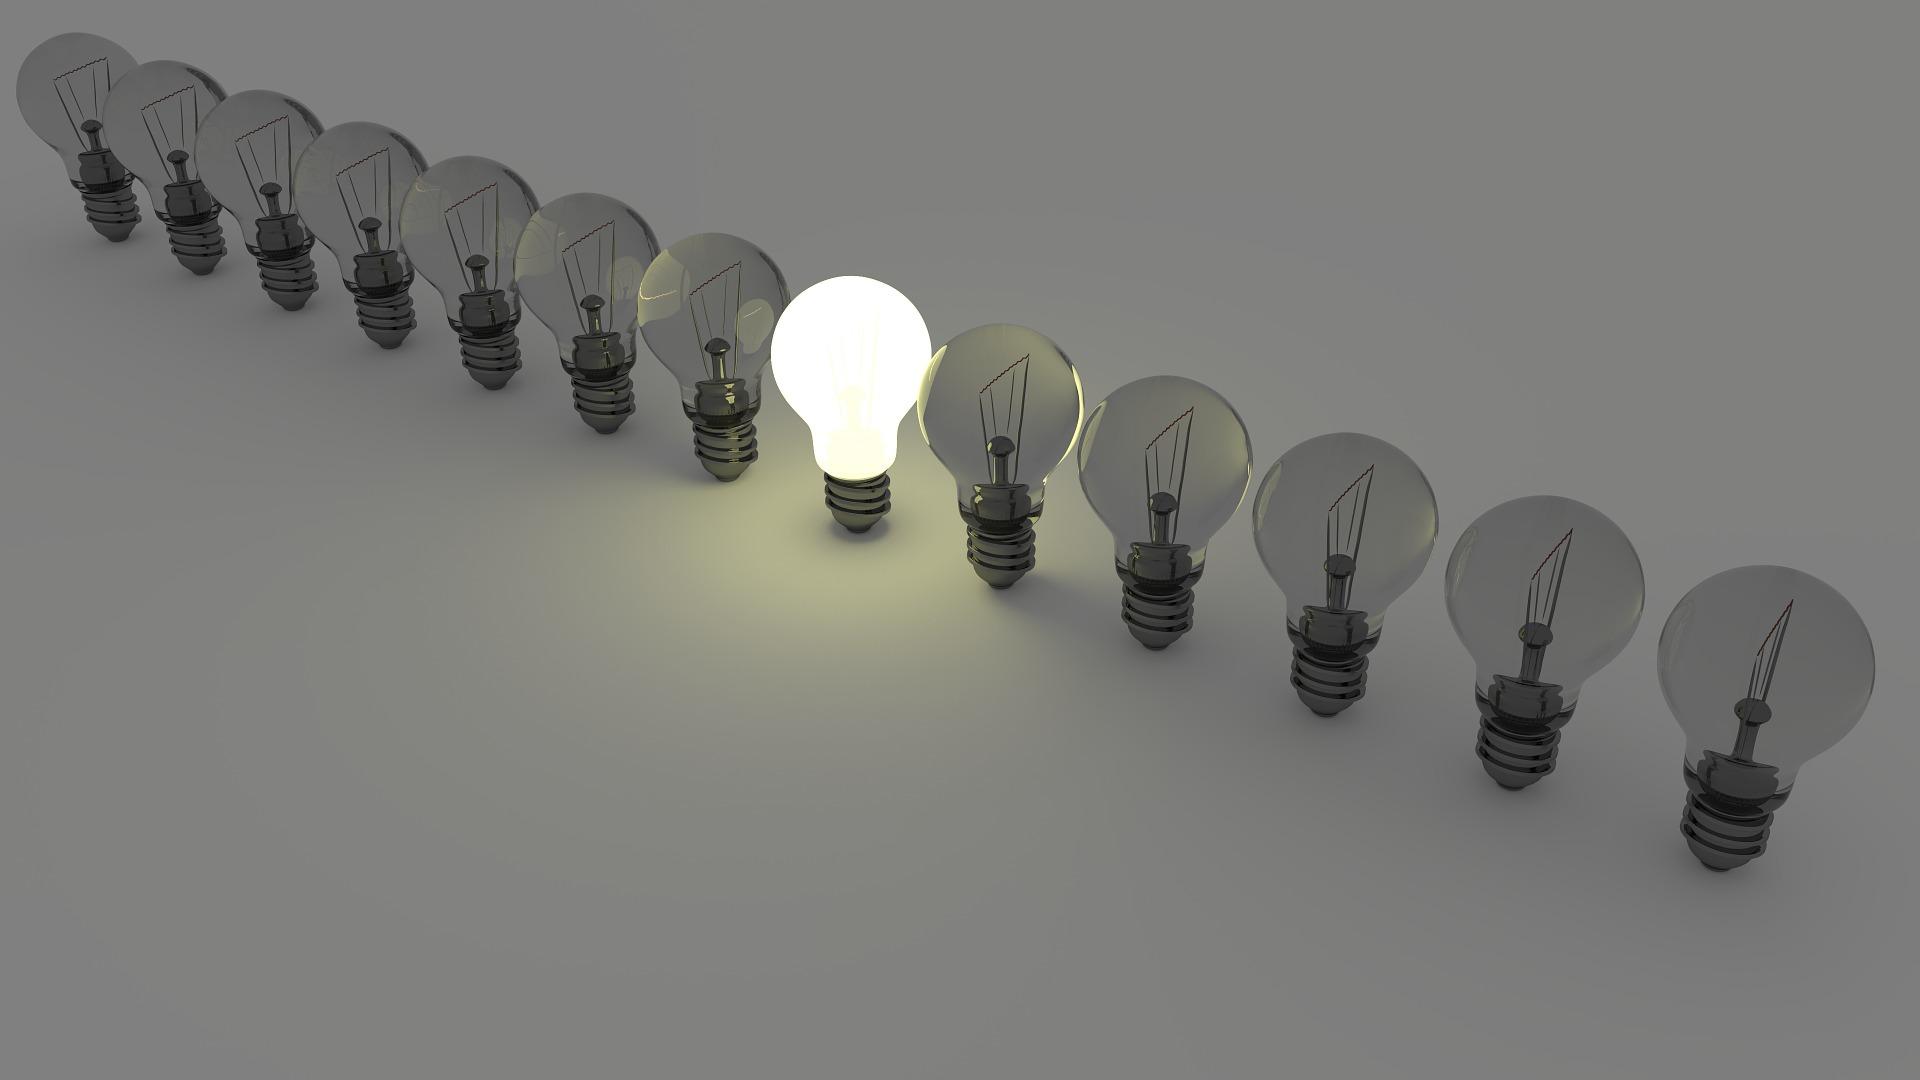 Criatividade é um dom ou prática?